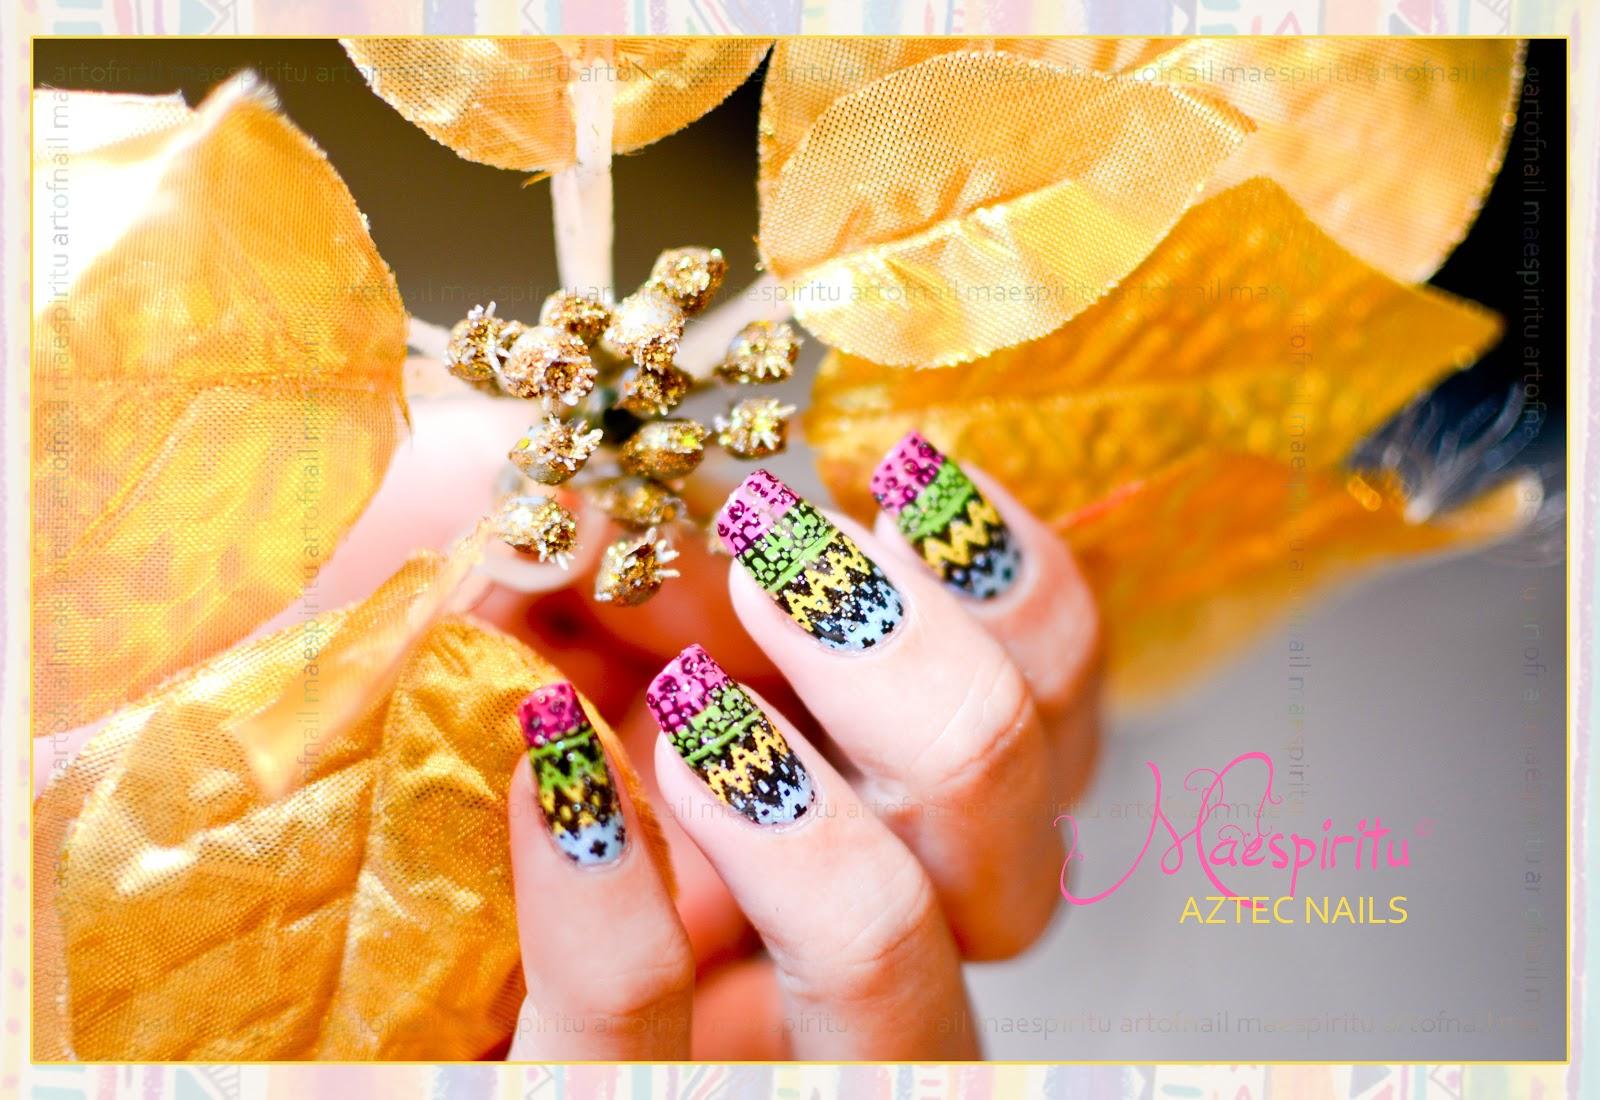 http://2.bp.blogspot.com/-2G3CtaYqxp0/ULitbgb3GKI/AAAAAAAAGD8/J-4NvWf3fcQ/s1600/az2.jpg